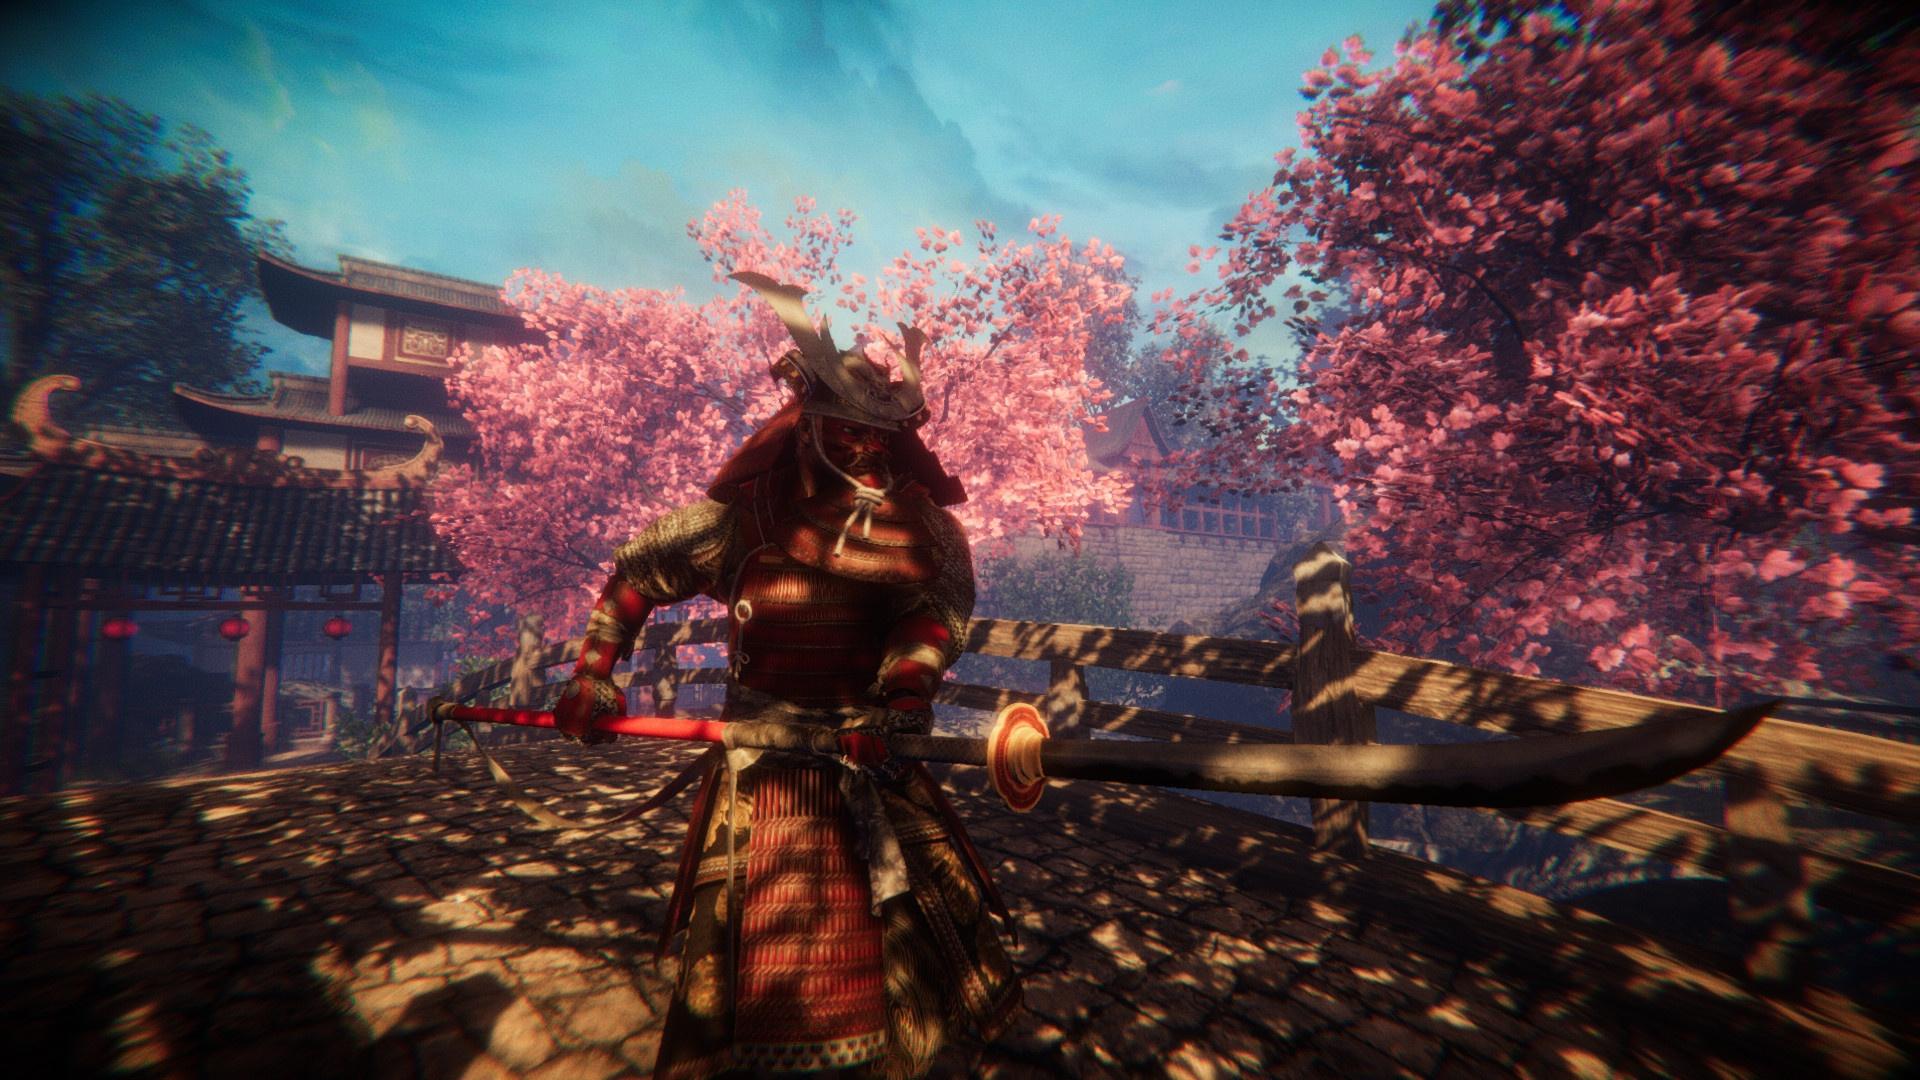 В Samurai Simulator можно будет совершить харакири